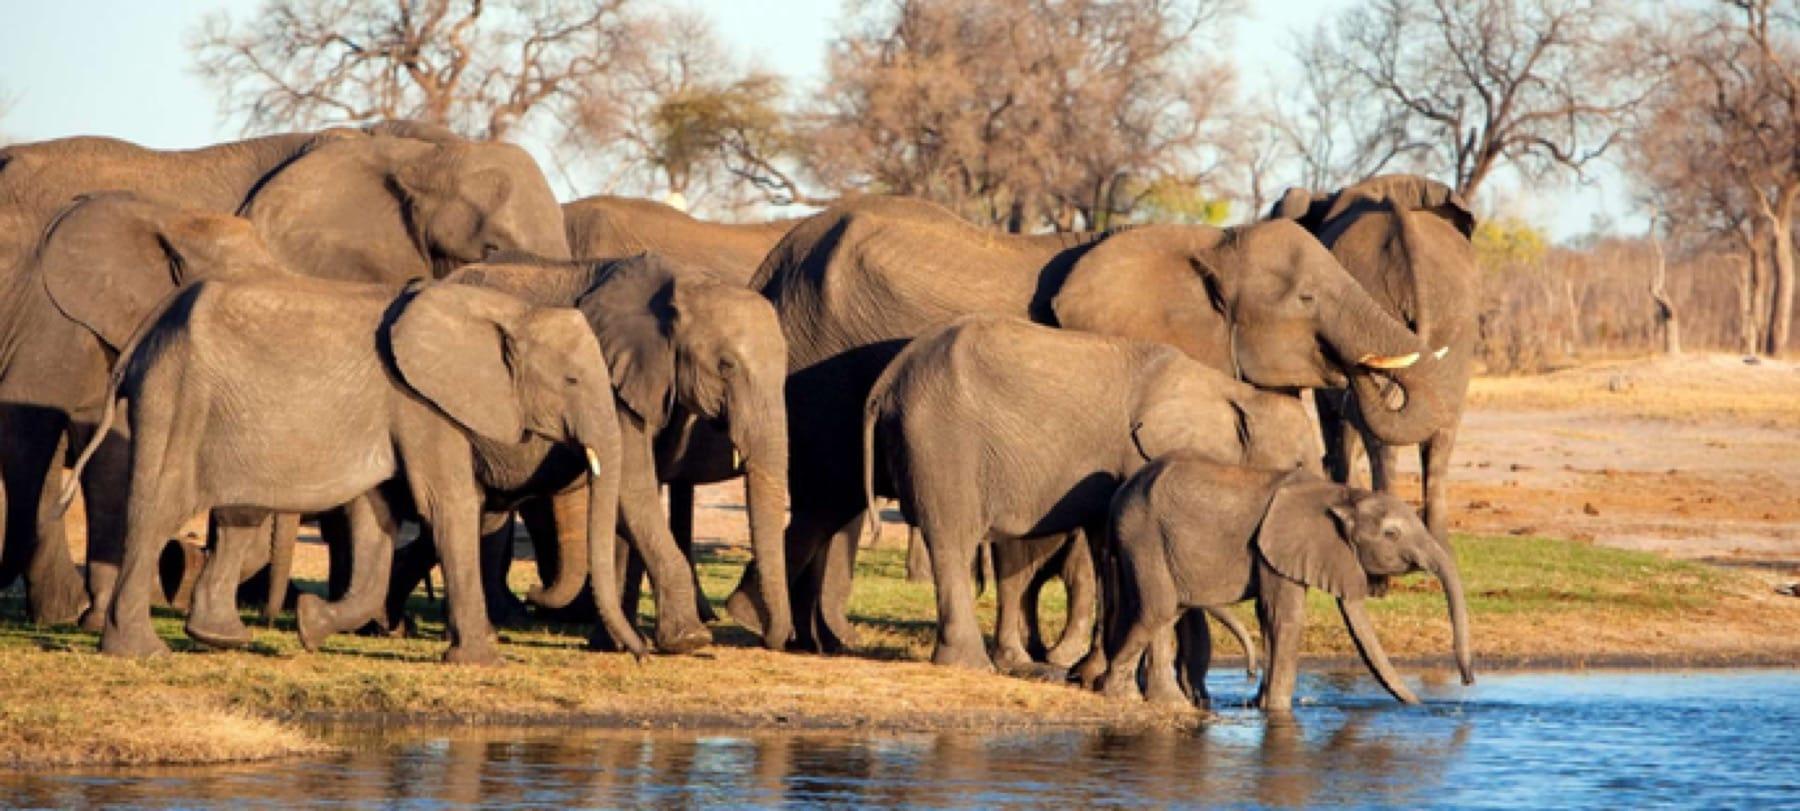 hwange national park zimbabwe safari elephants